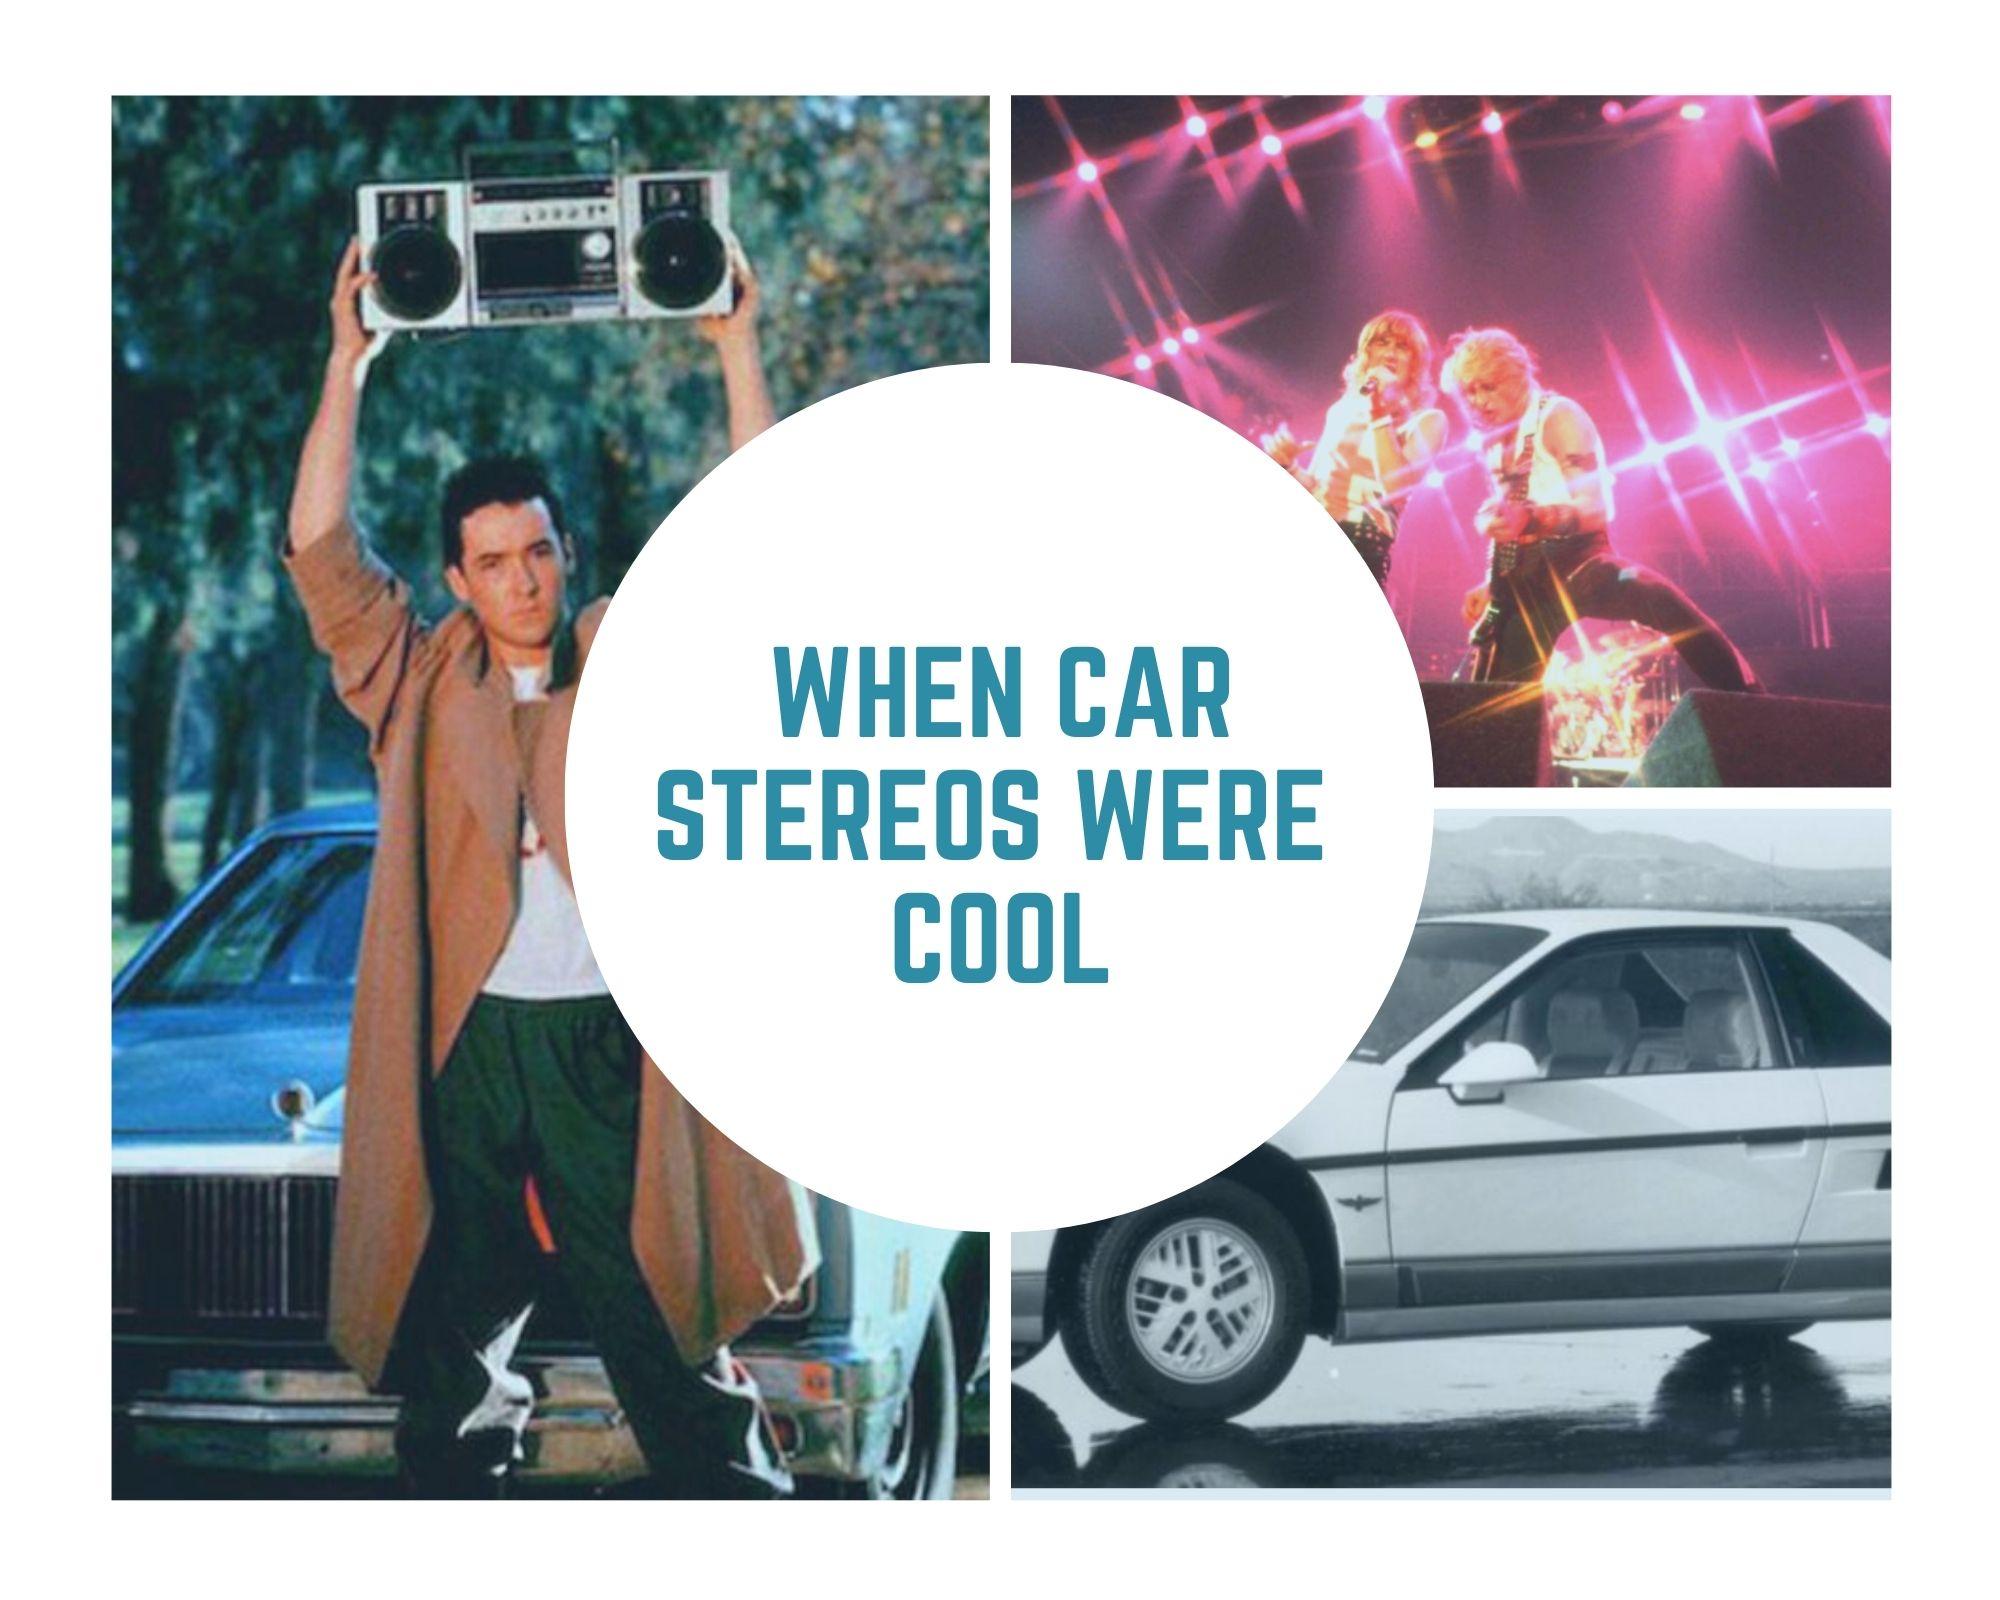 Lincoln Navigator revel stereo system